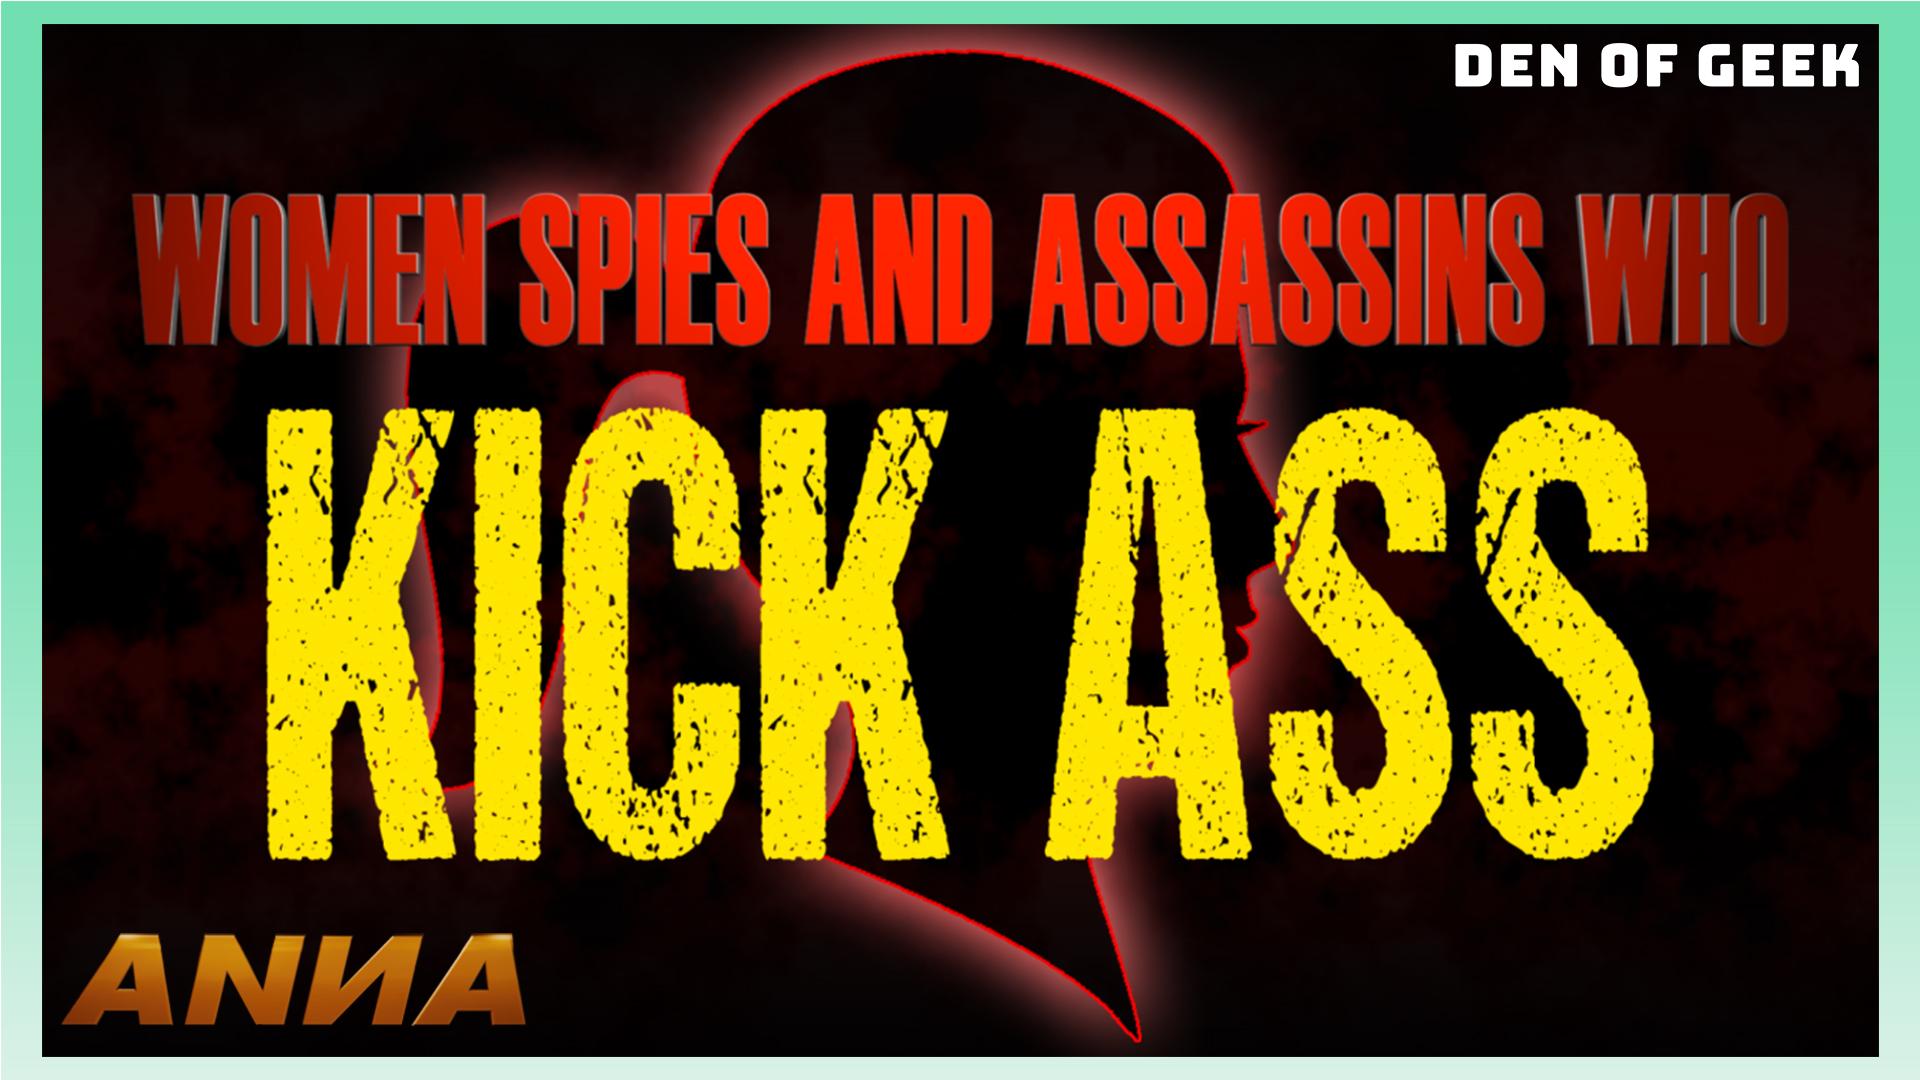 ANNA - Women Spies and Assassins Who Kick Ass